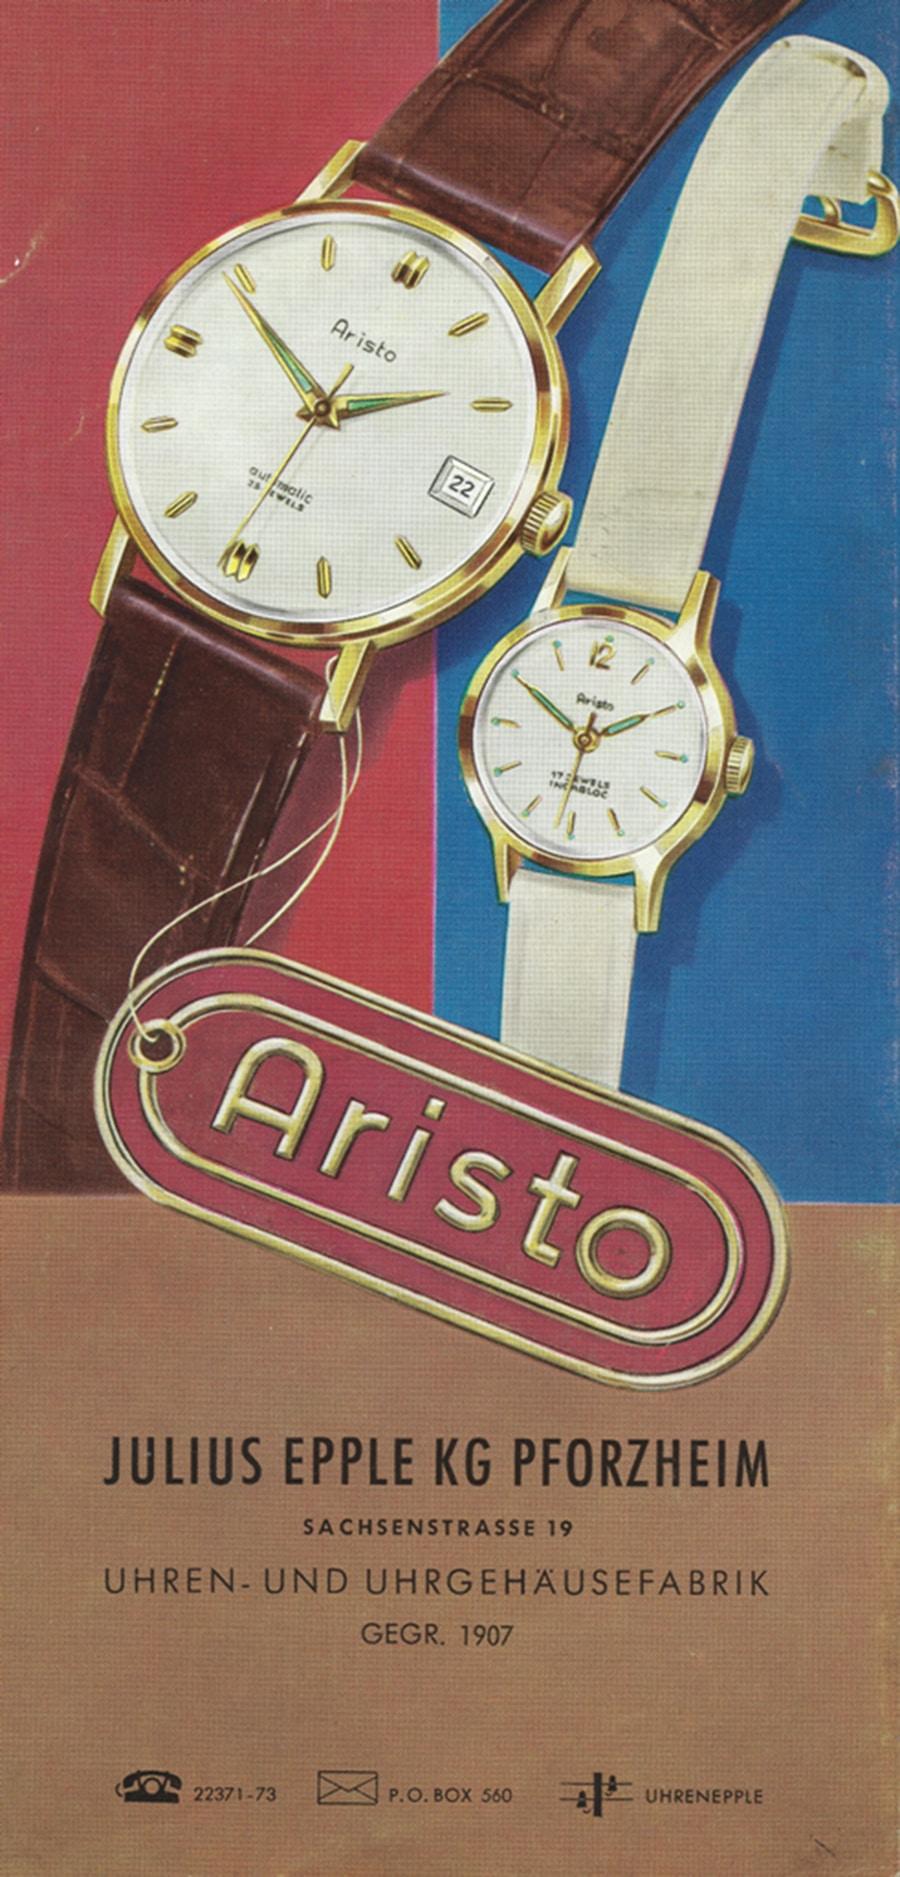 Aristo Titelseite von 1950